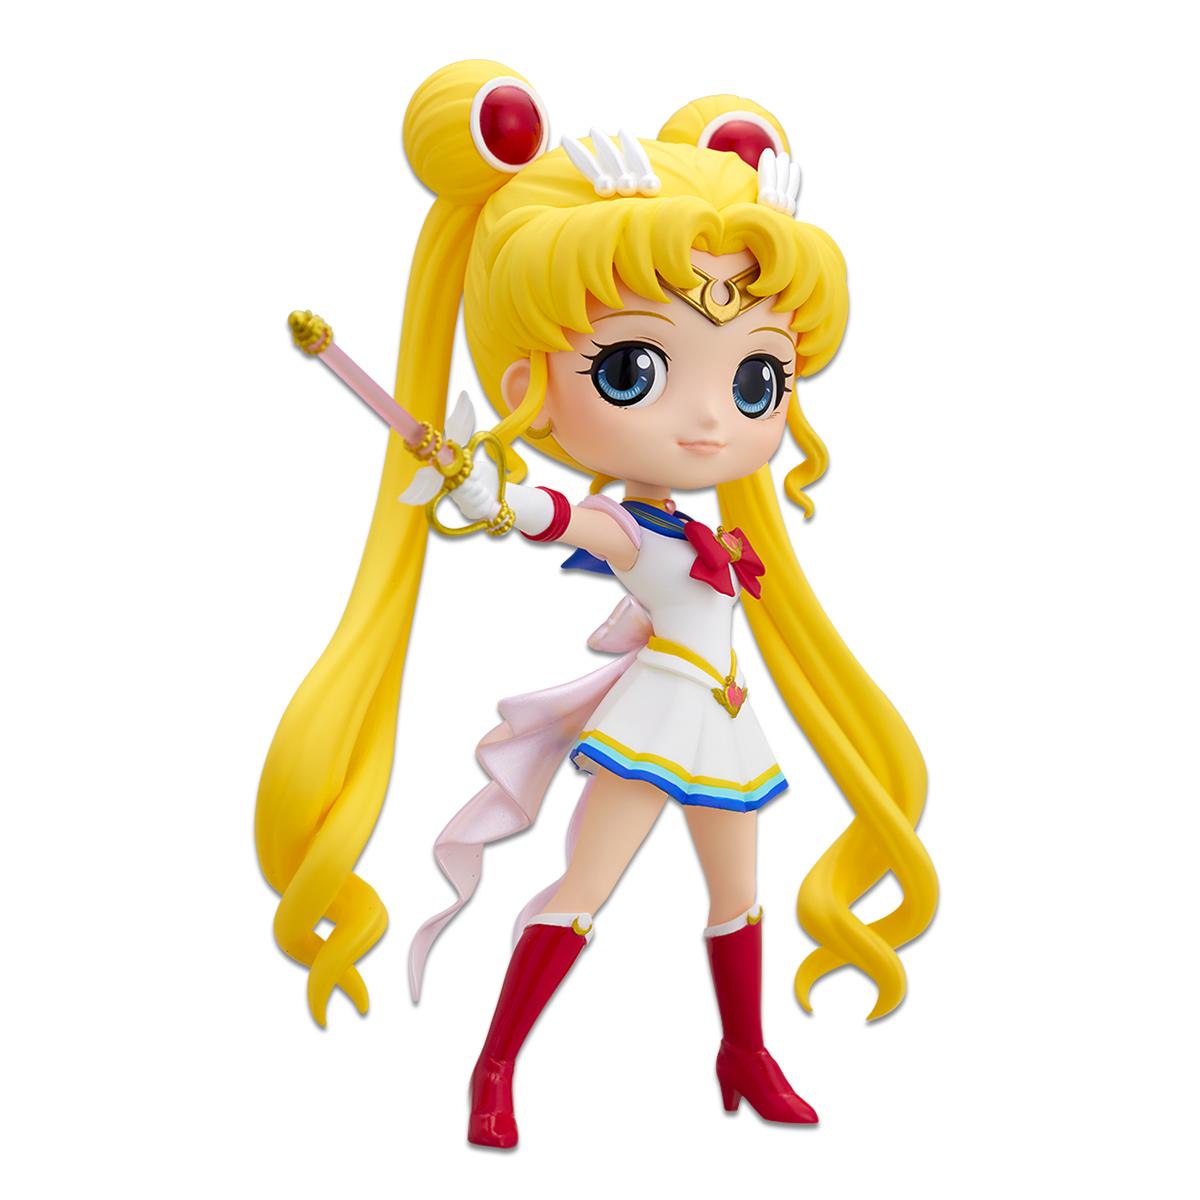 Super Sailor Moon Figure, Usagi Tsukino, Kaleidoscope Version, Q Posket, Banpresto Bandai